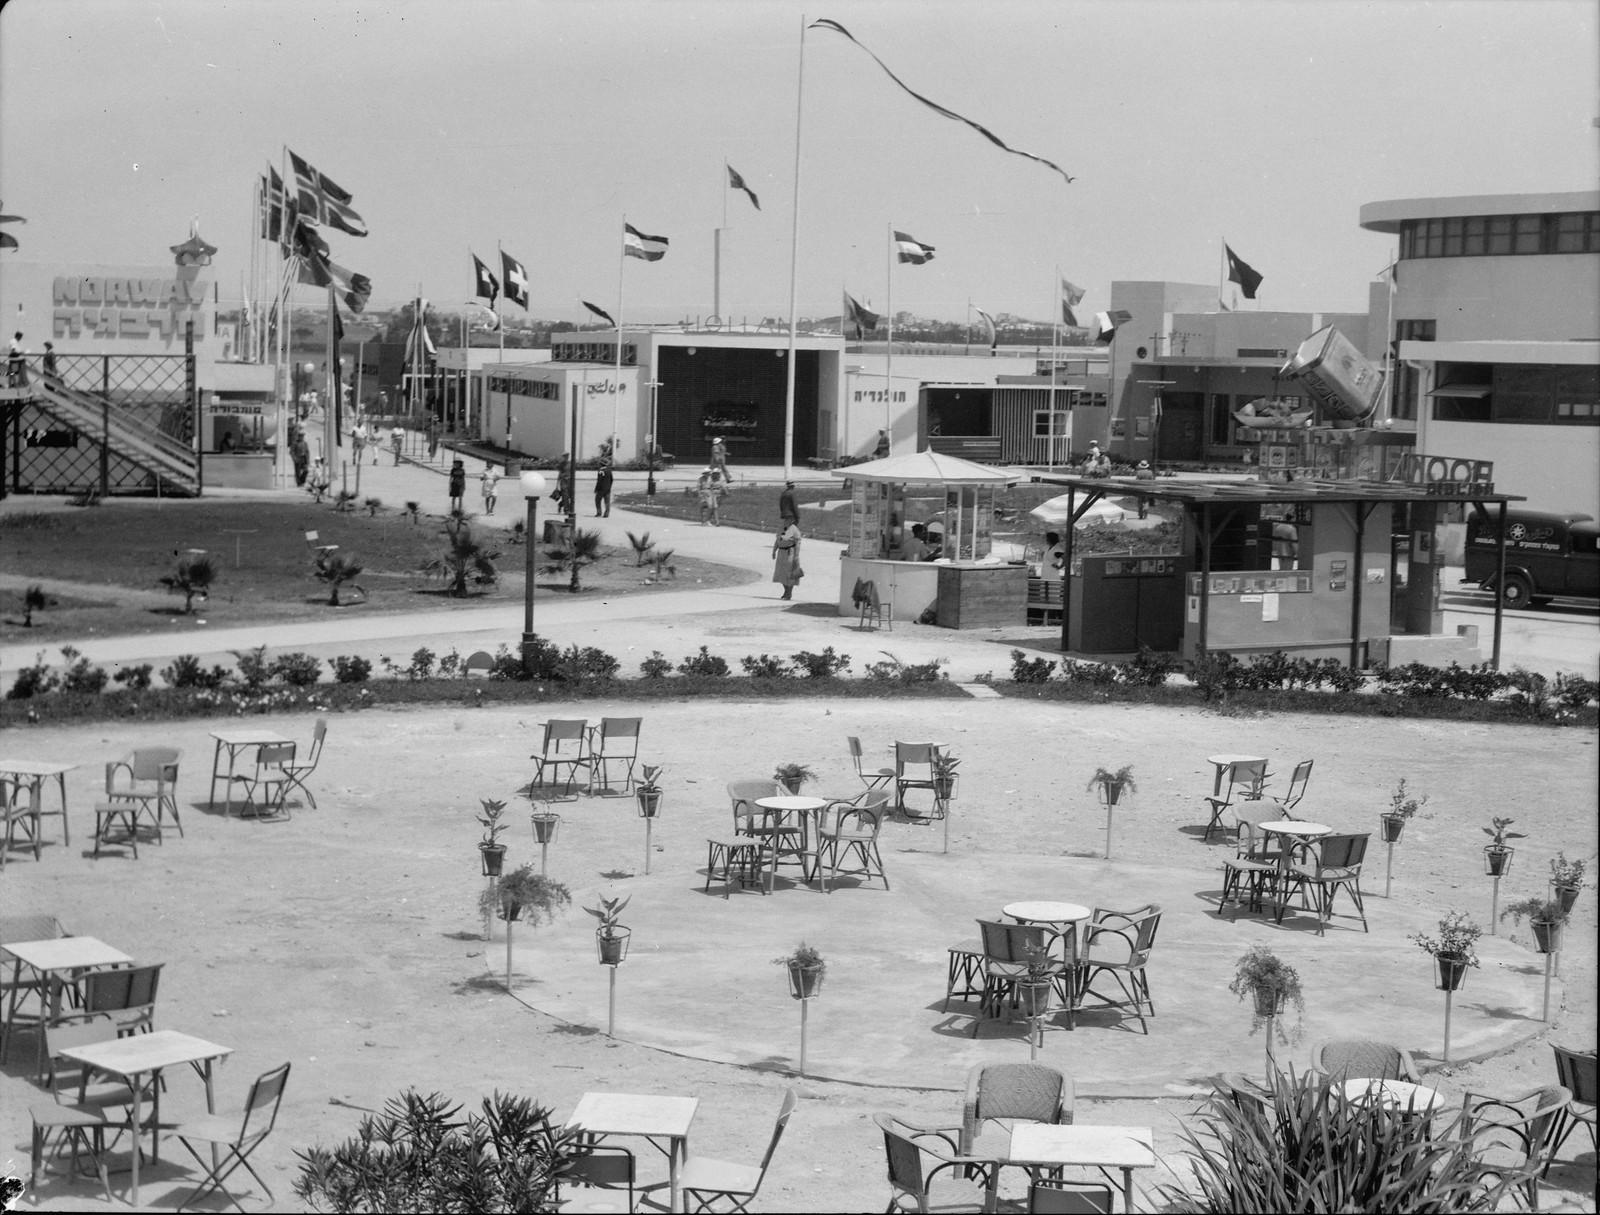 Тель-Авив. Фотография демонстрирует пустые стулья и явное отсутствие обслуживающего персонала